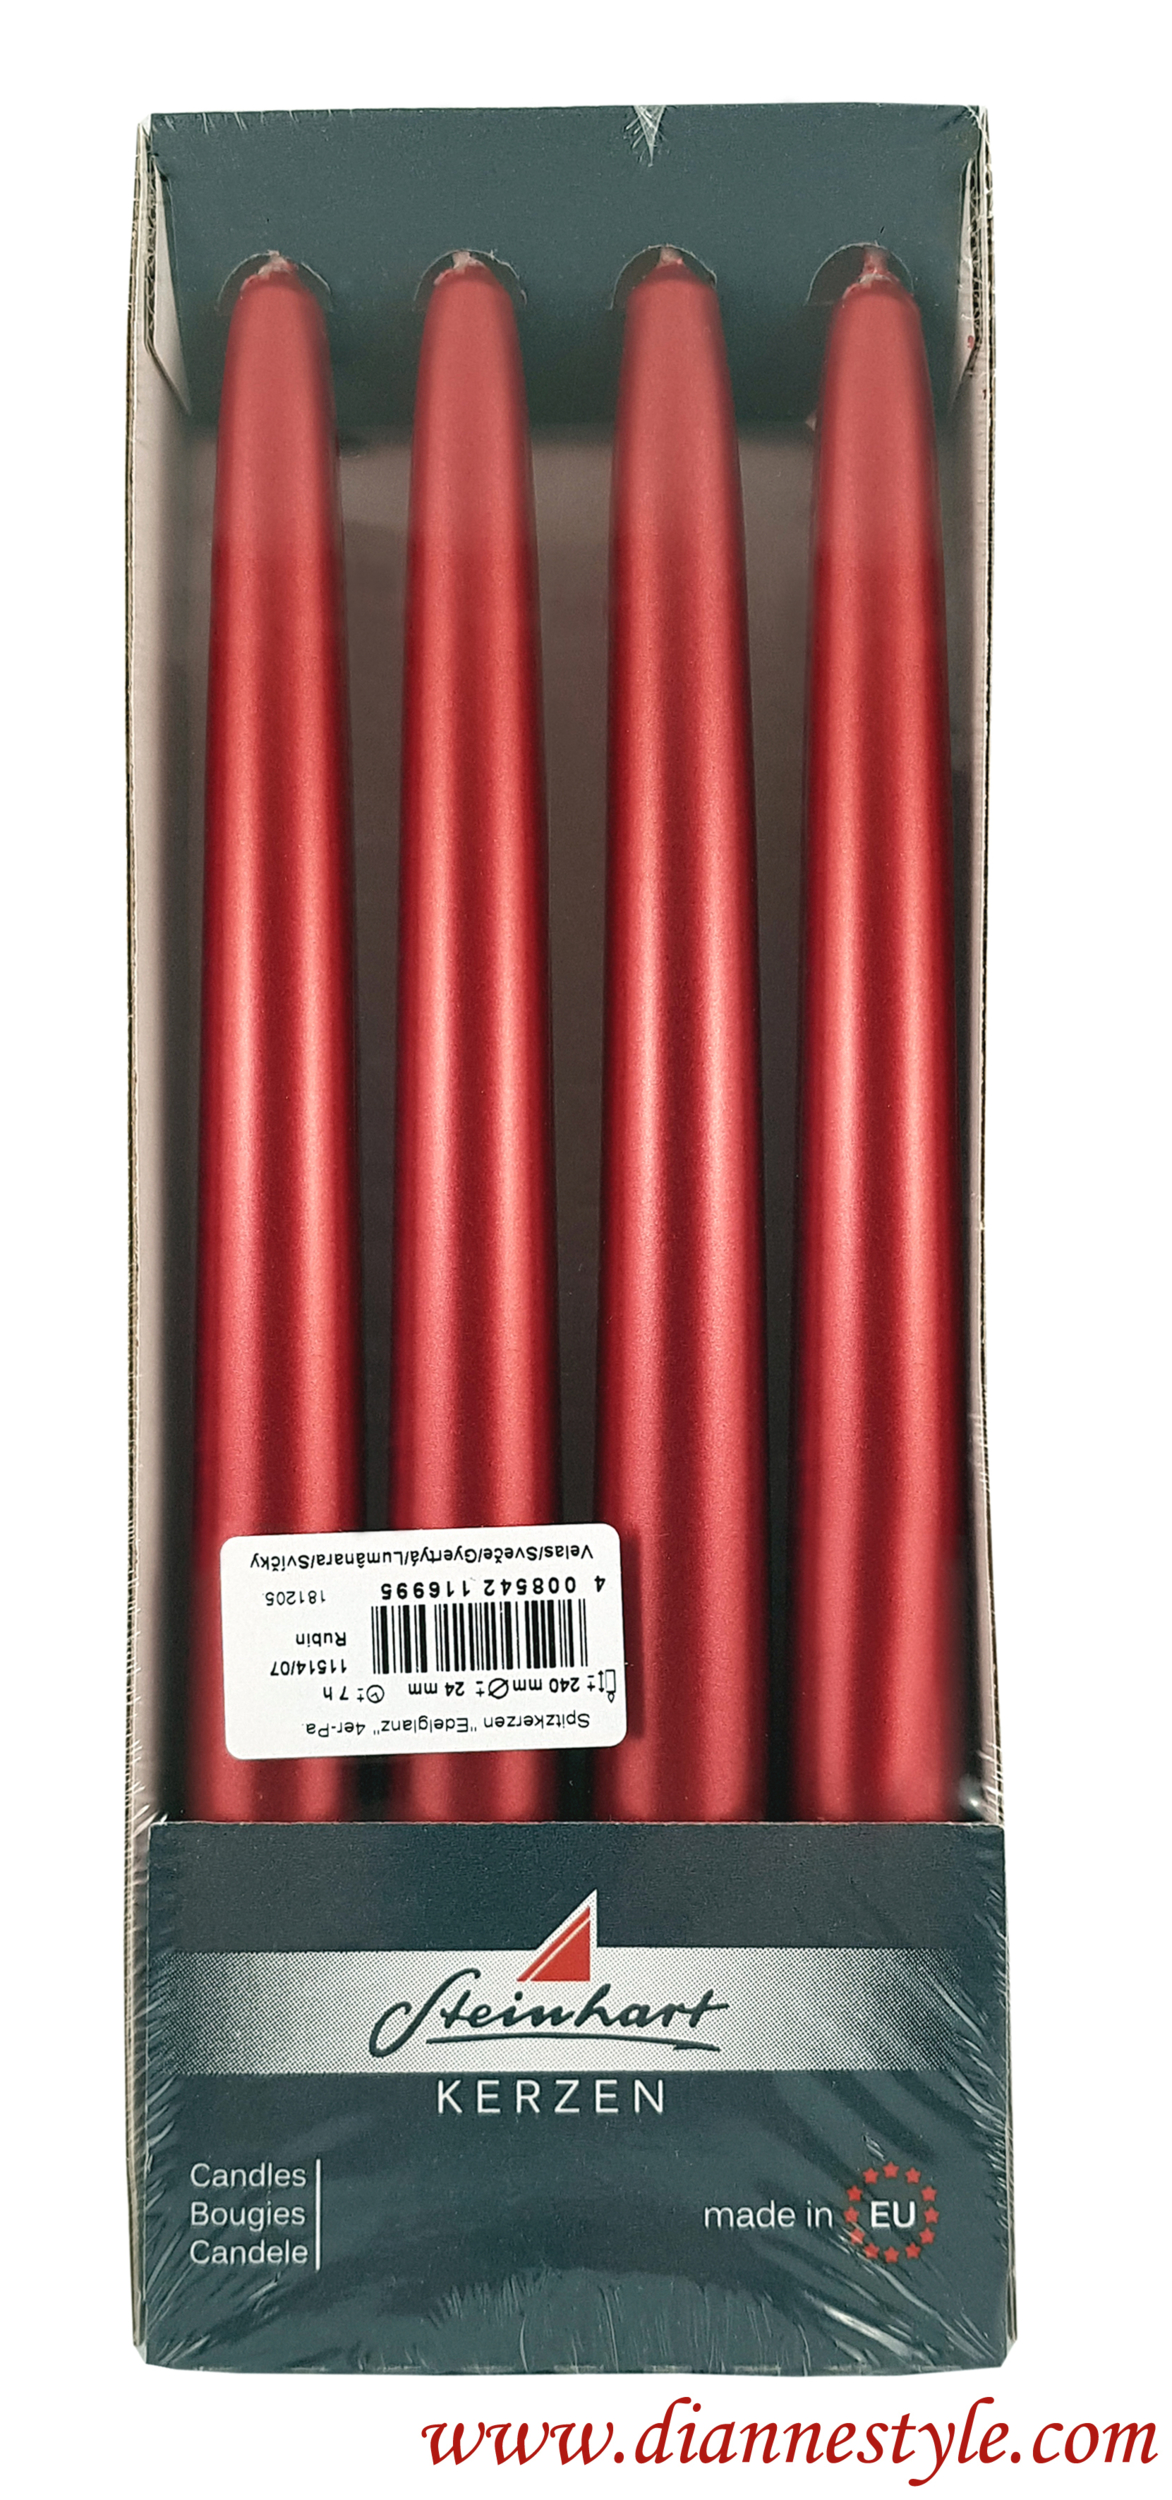 Paquet de 4 bougies flambeaux coloris rubis métallisé. Réf. 183